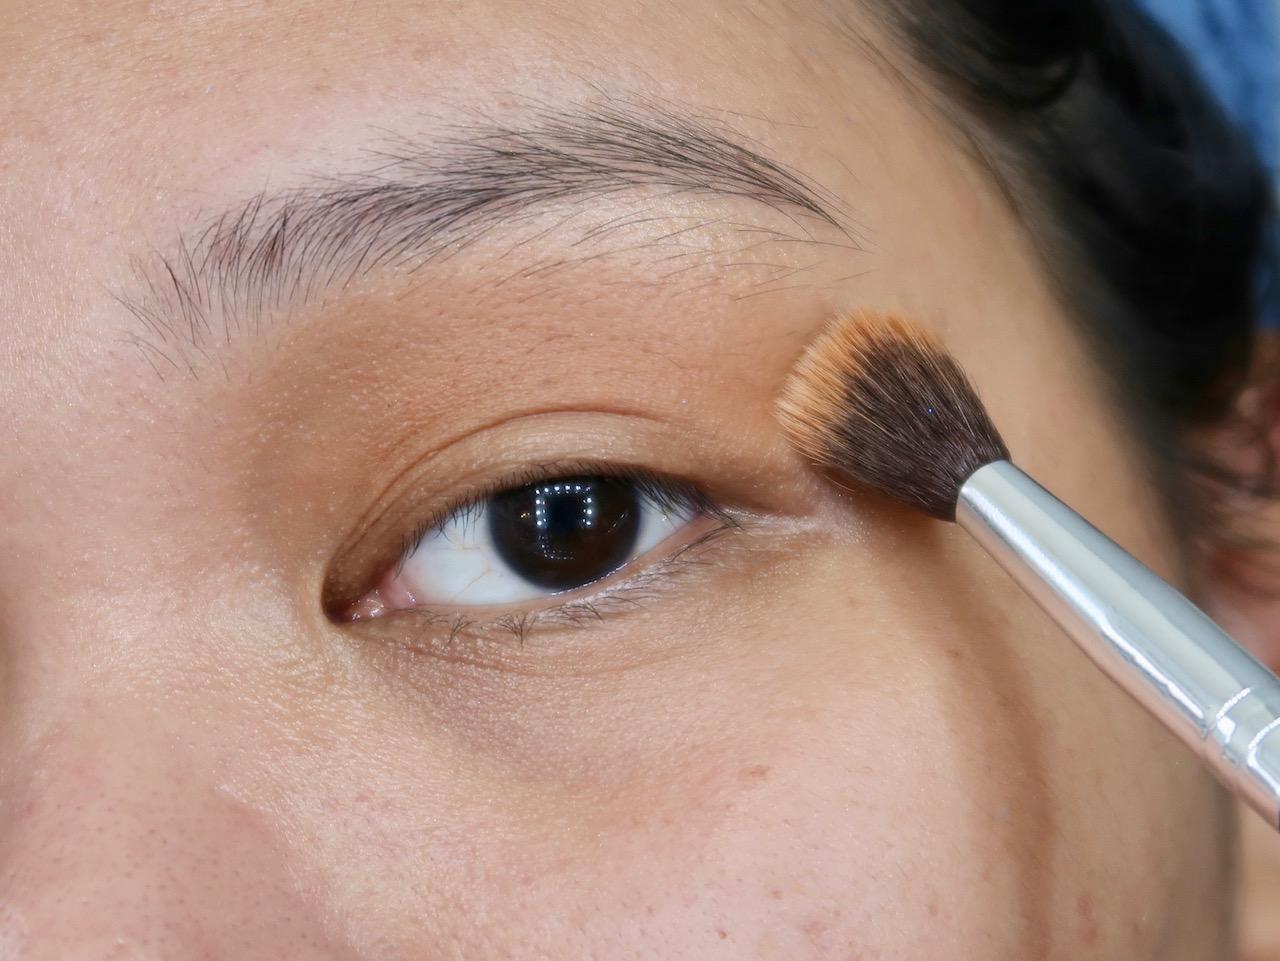 heart evangelista cobalt blue eyeshadow makeup tutorial +